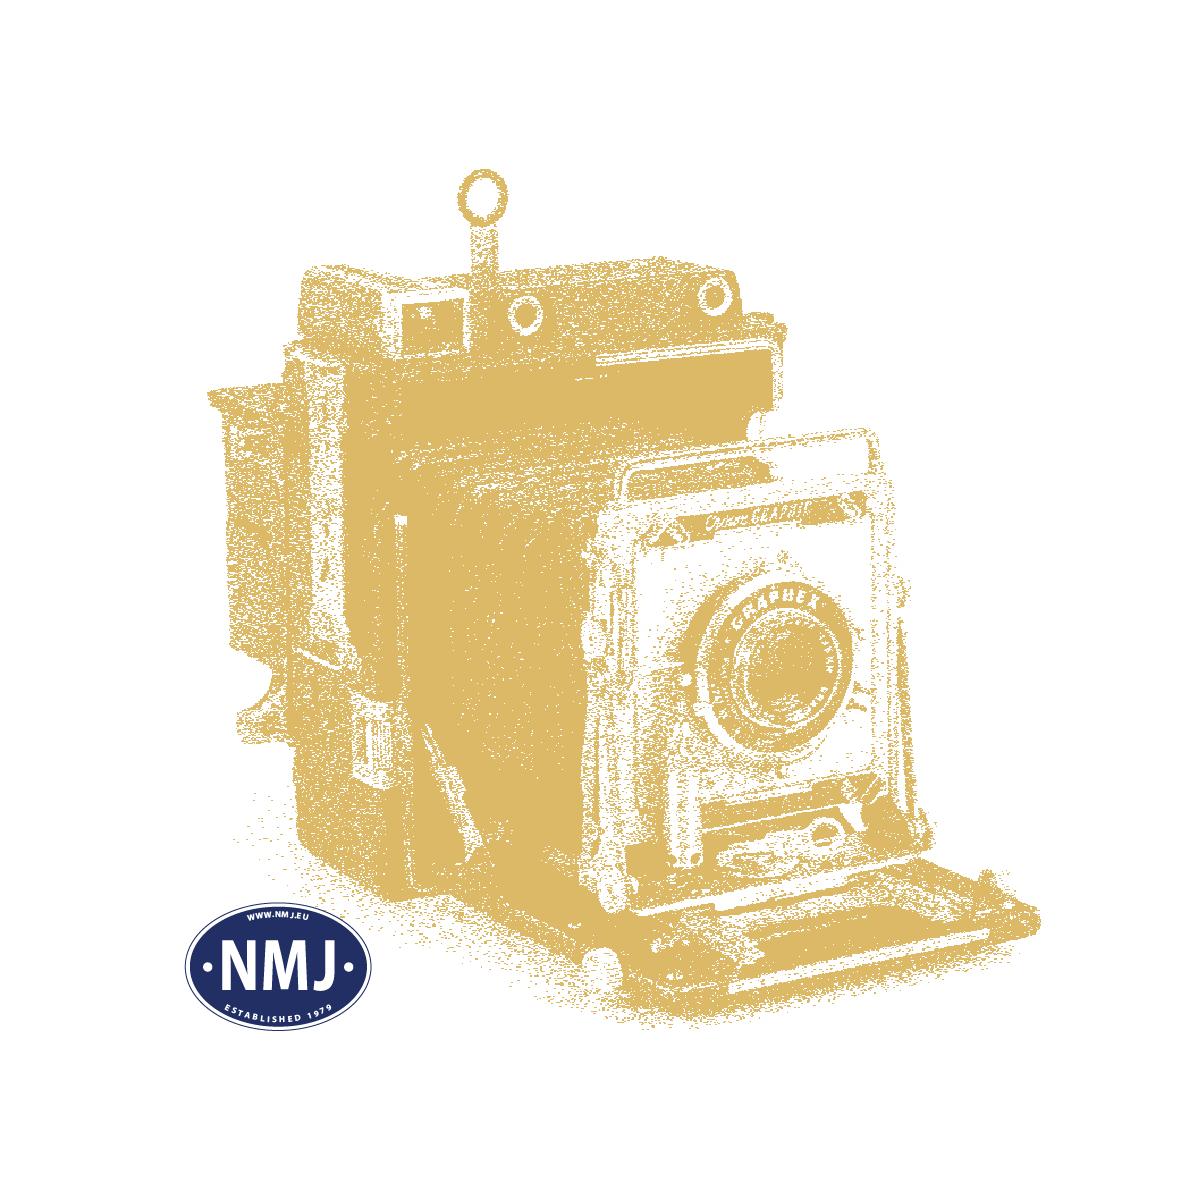 NMJS21c372 - NMJ Superline Modell der NSB Schlepptenderlok Type 21c 372